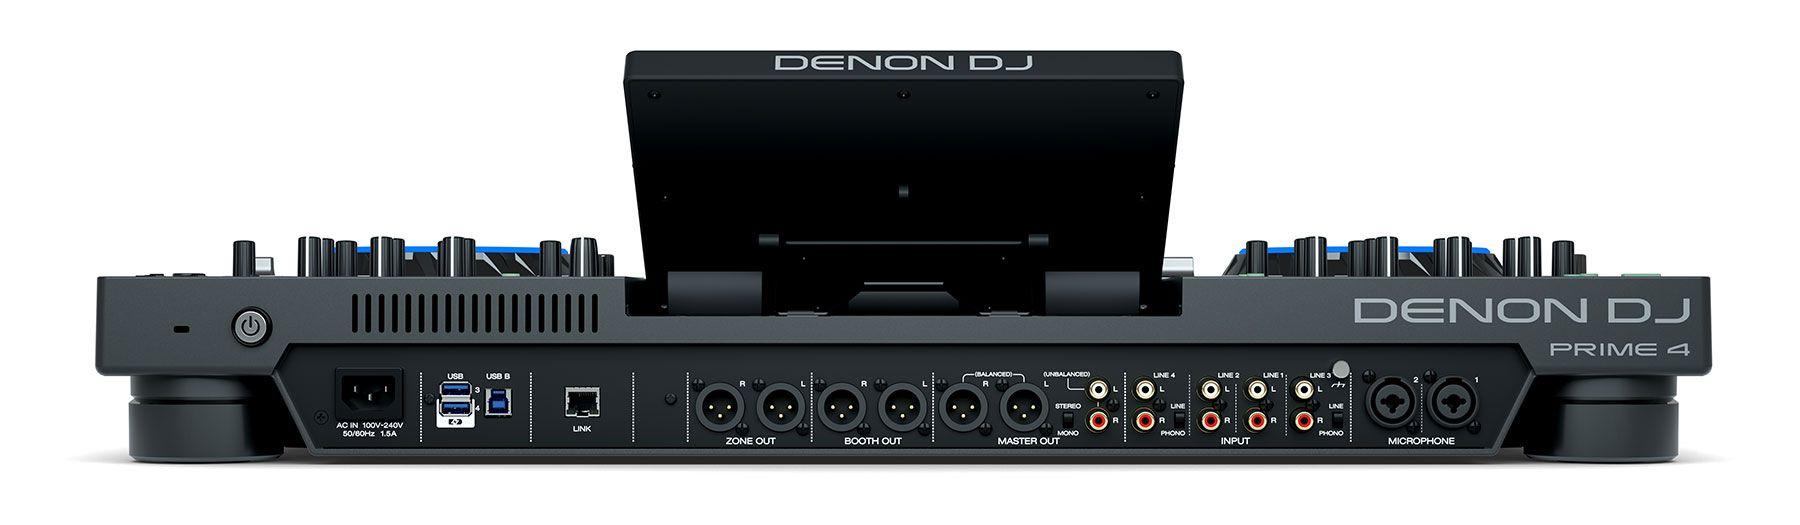 DENON DJ PRIME 4 CONSOLE CONTROLLER STANDALONE PER DJ 4 DECK CON TOUCH SCREEN 10 4x USB + SD CARD 1